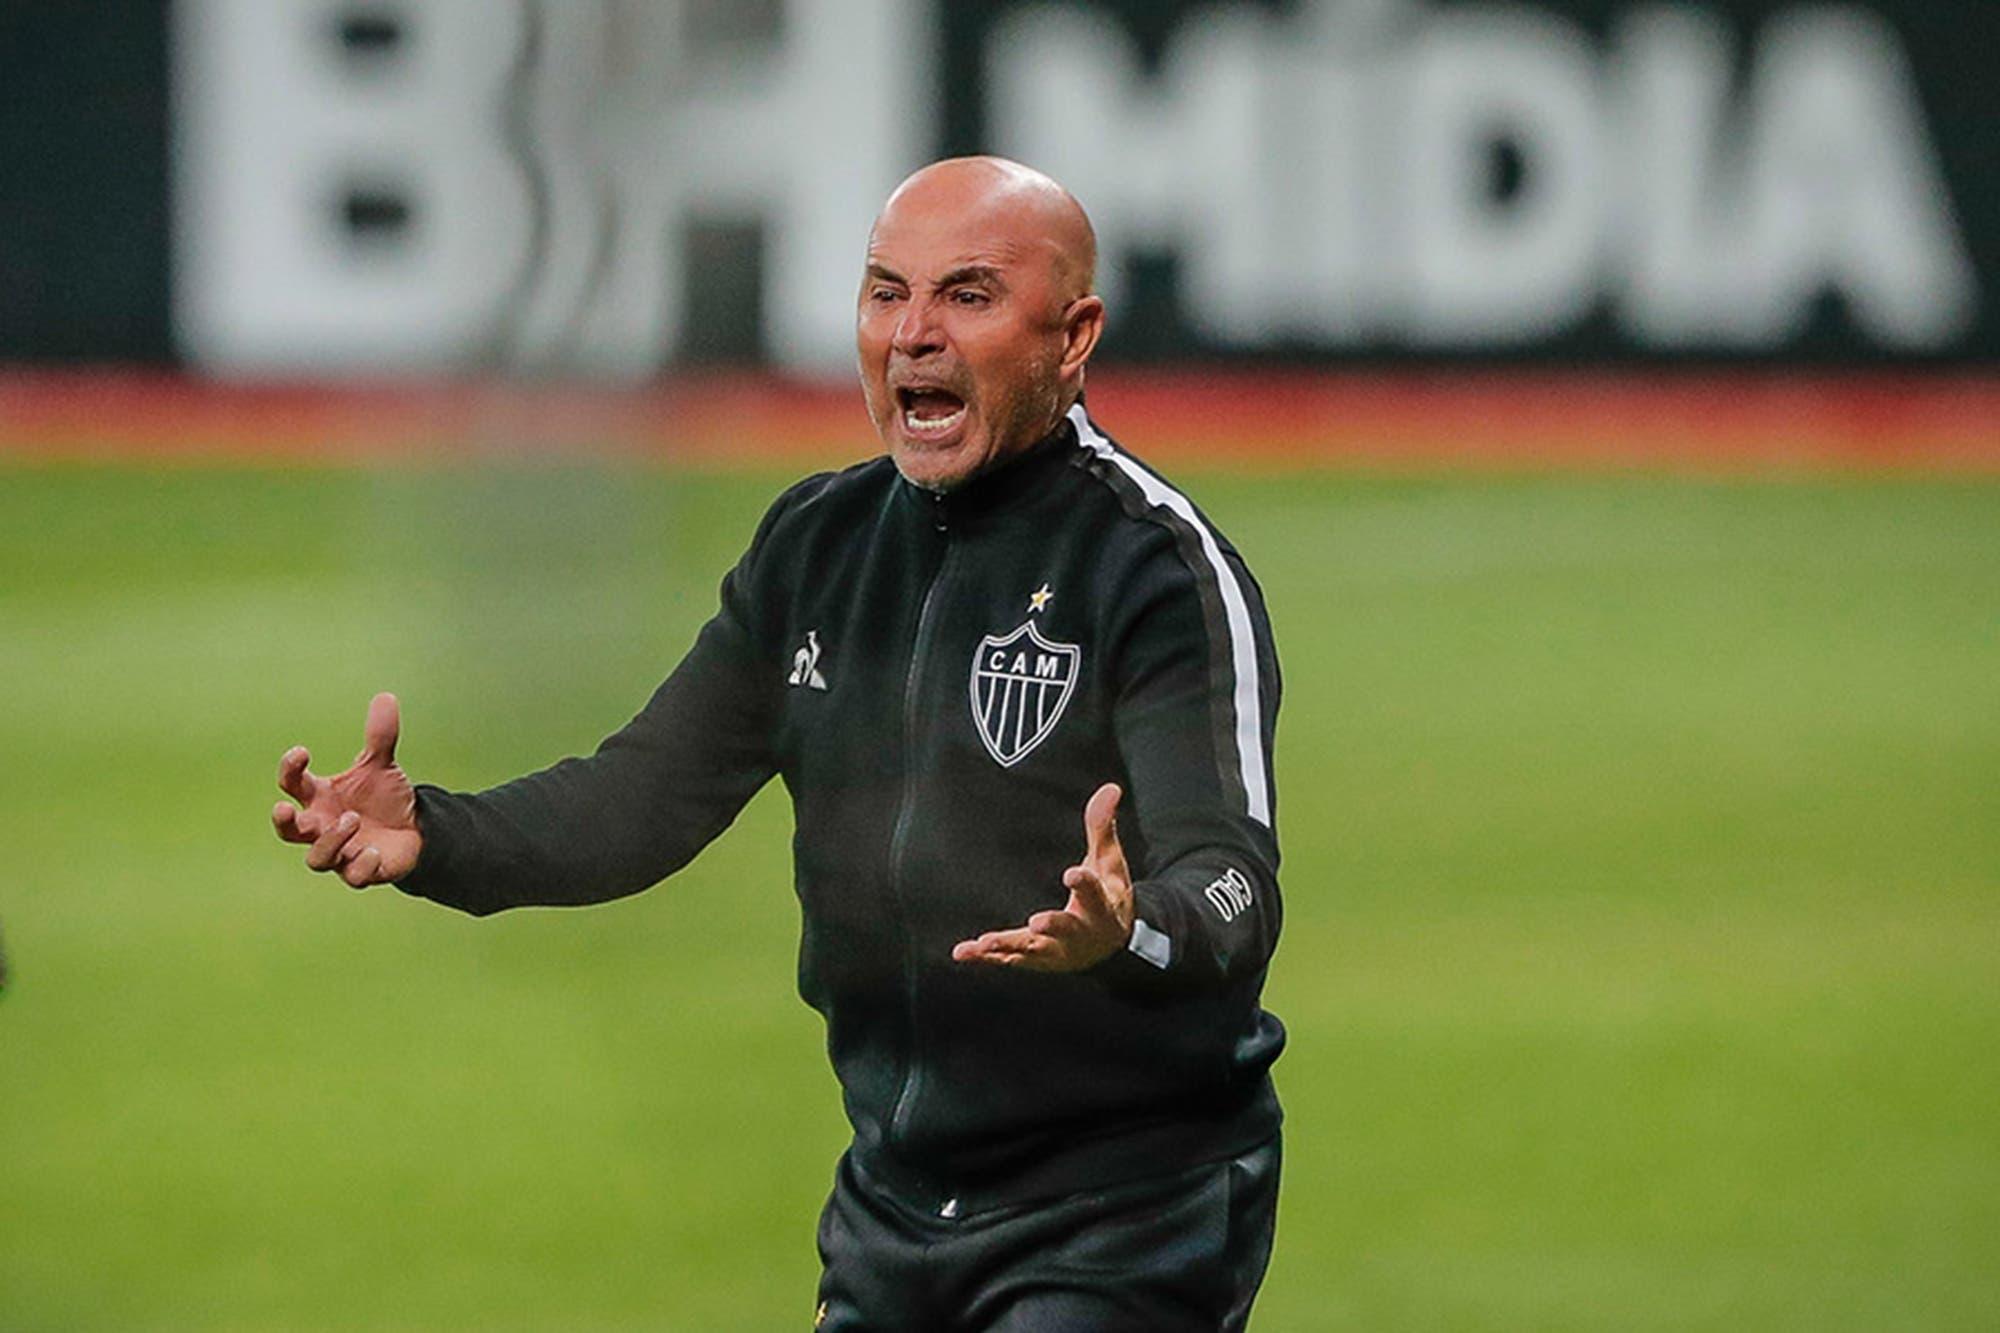 La obsesión (y el deseo) que tiene Jorge Sampaoli con el fútbol argentino